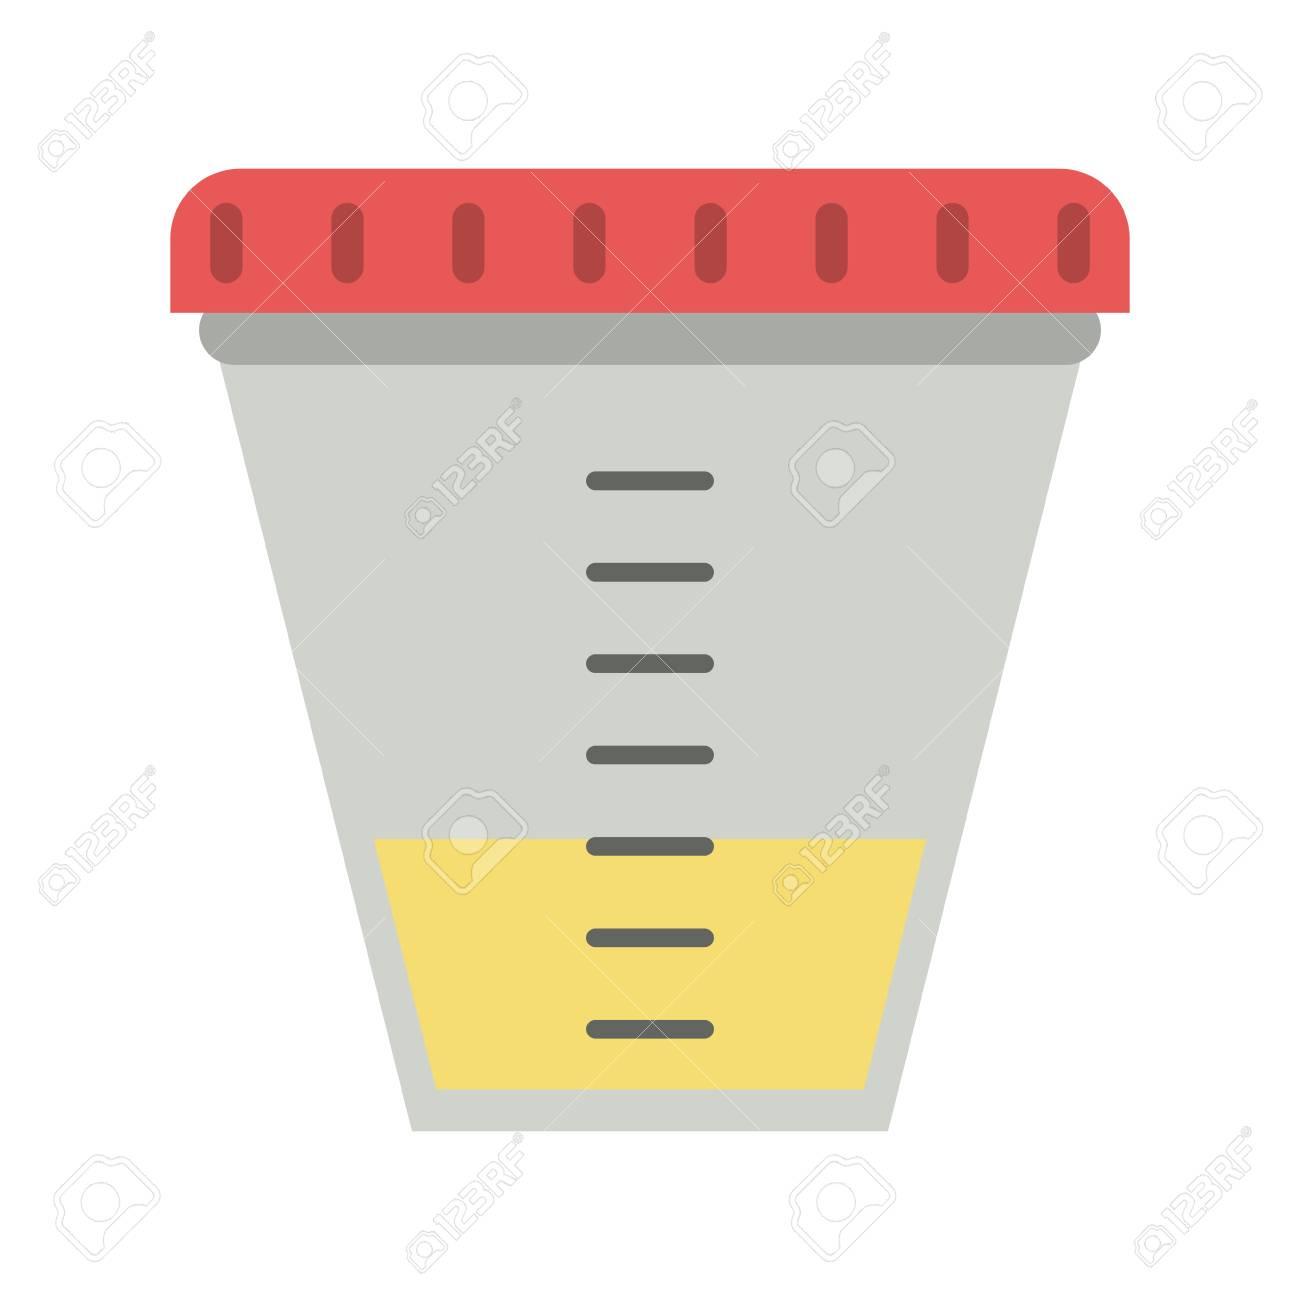 urine test container icon vector illustration graphic design rh 123rf com